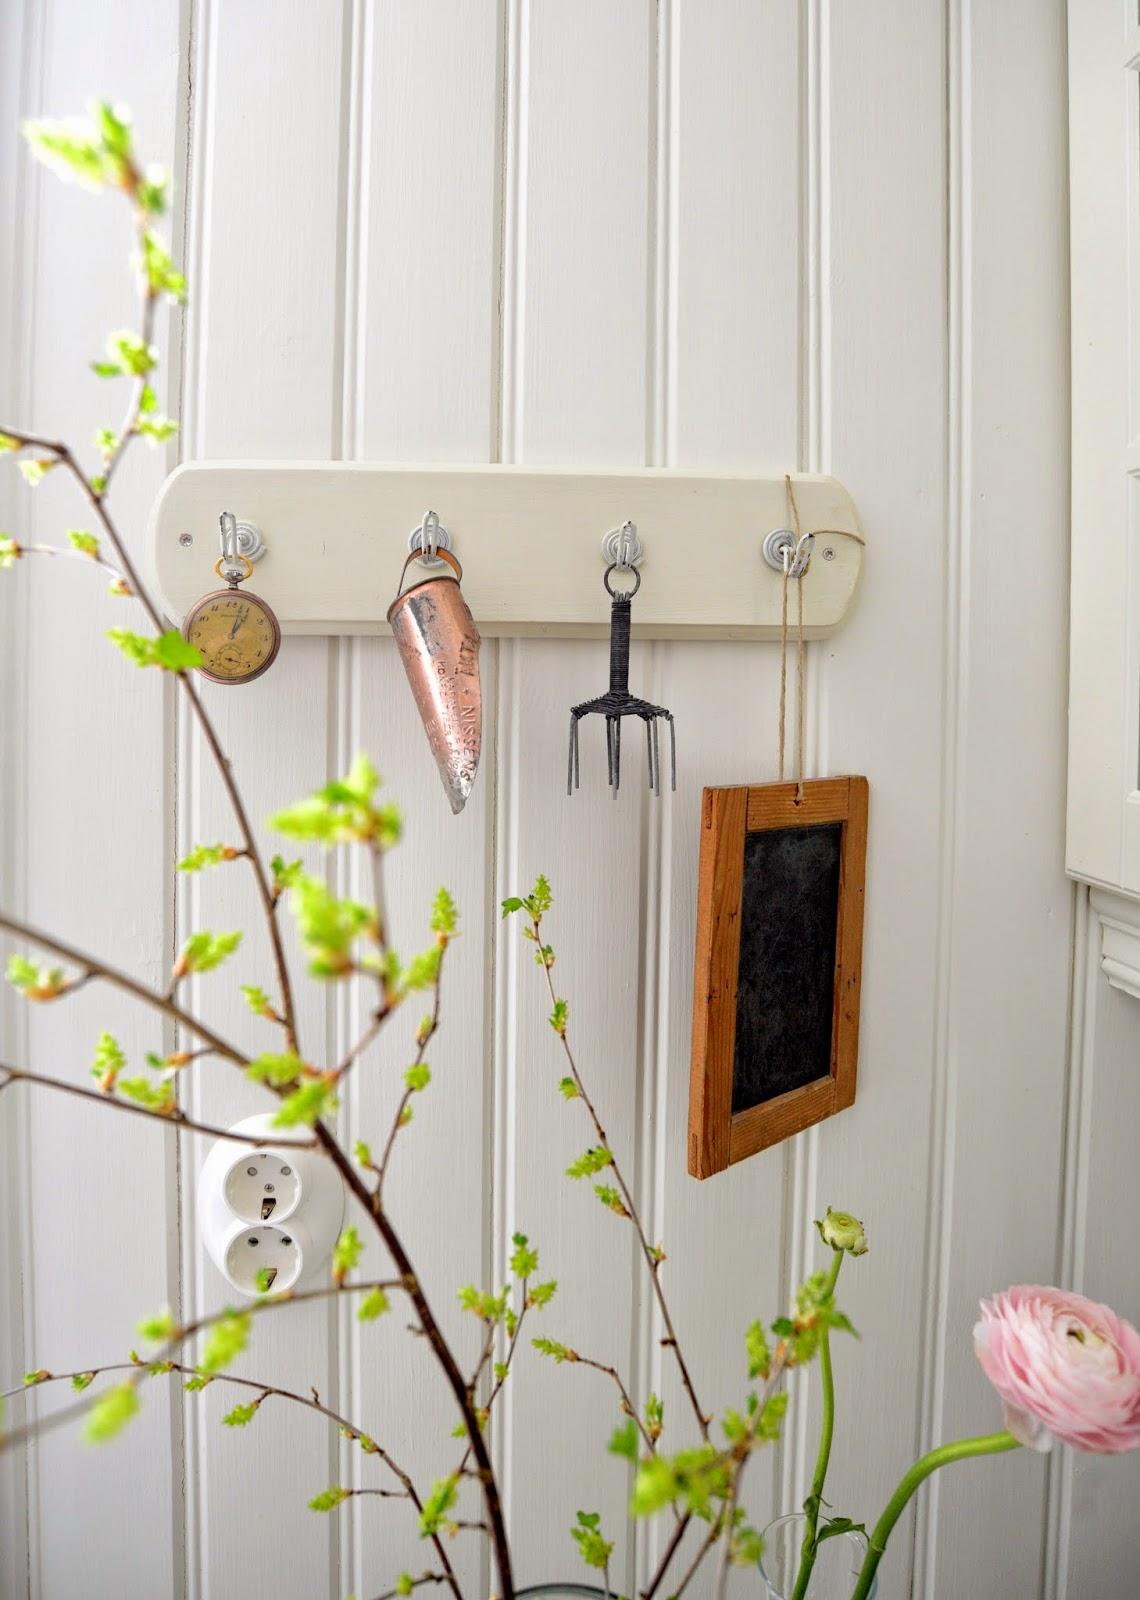 Add: design / anna stenberg / lantligt på svanängen: april 2014